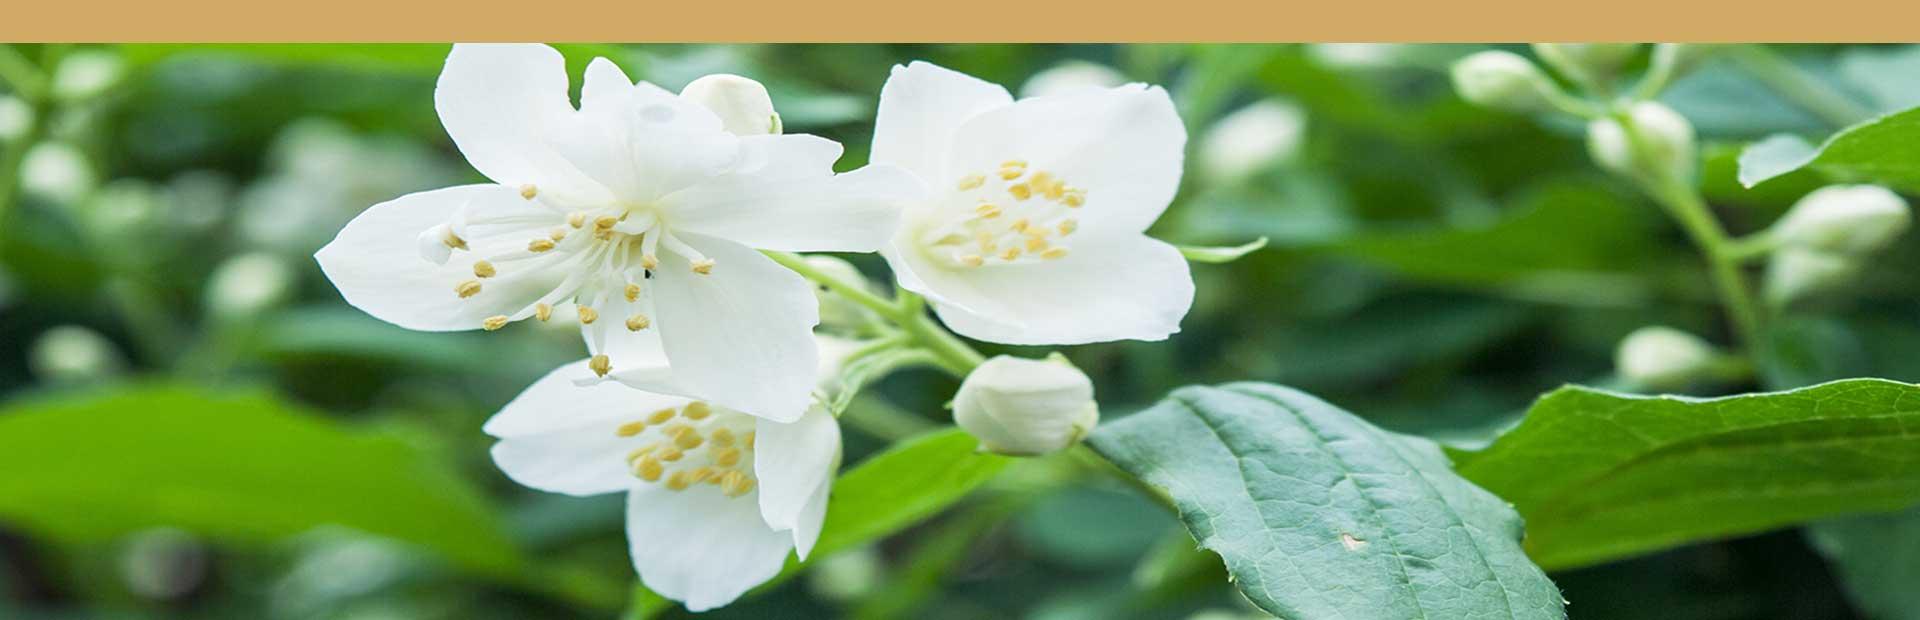 flores de jazmín para la aromatización del té verde